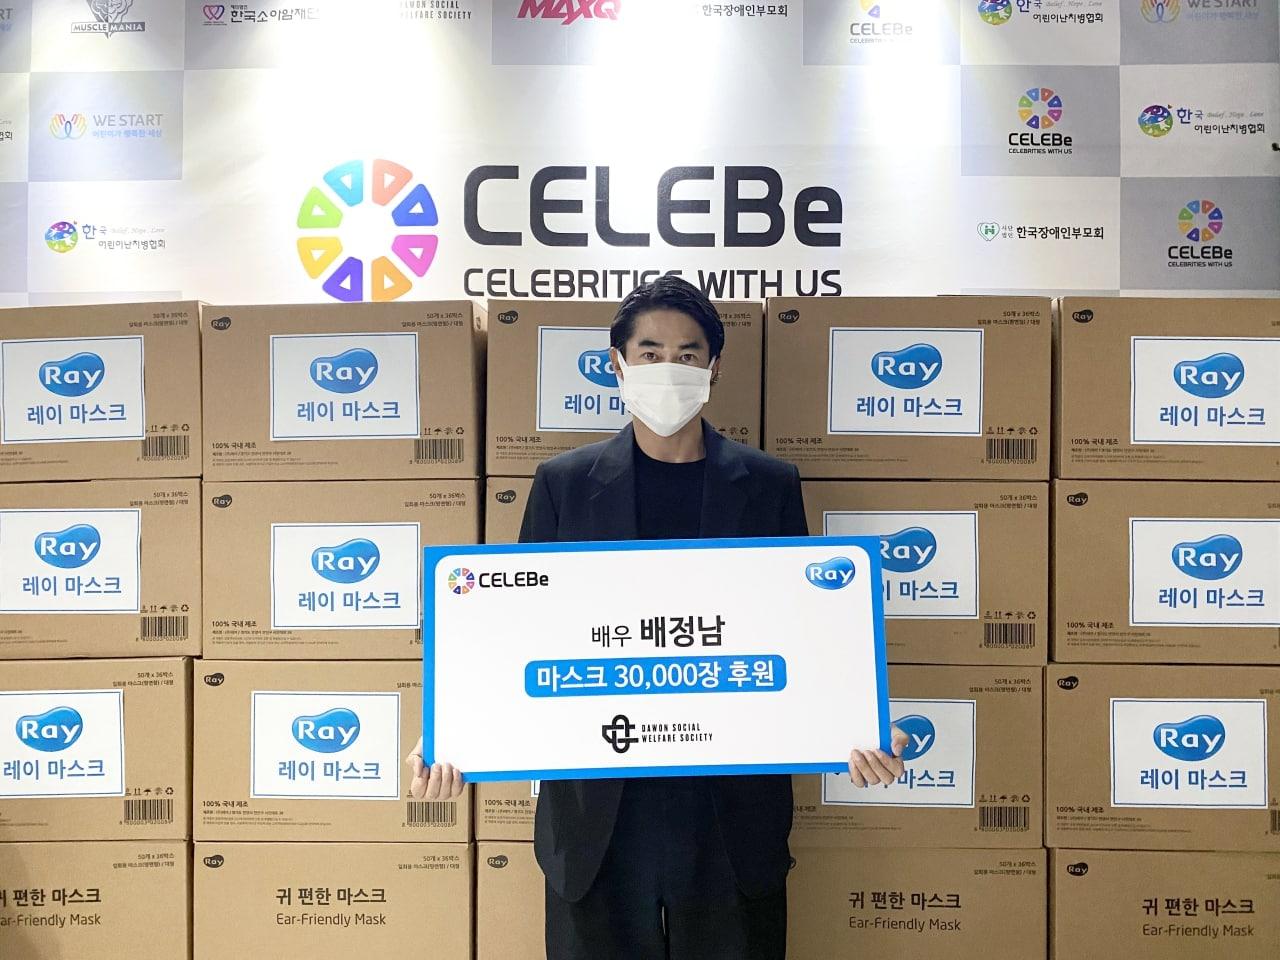 """배정남, """"셀러비""""와 기부단체에 3만장 기부, '선한 영향력'"""